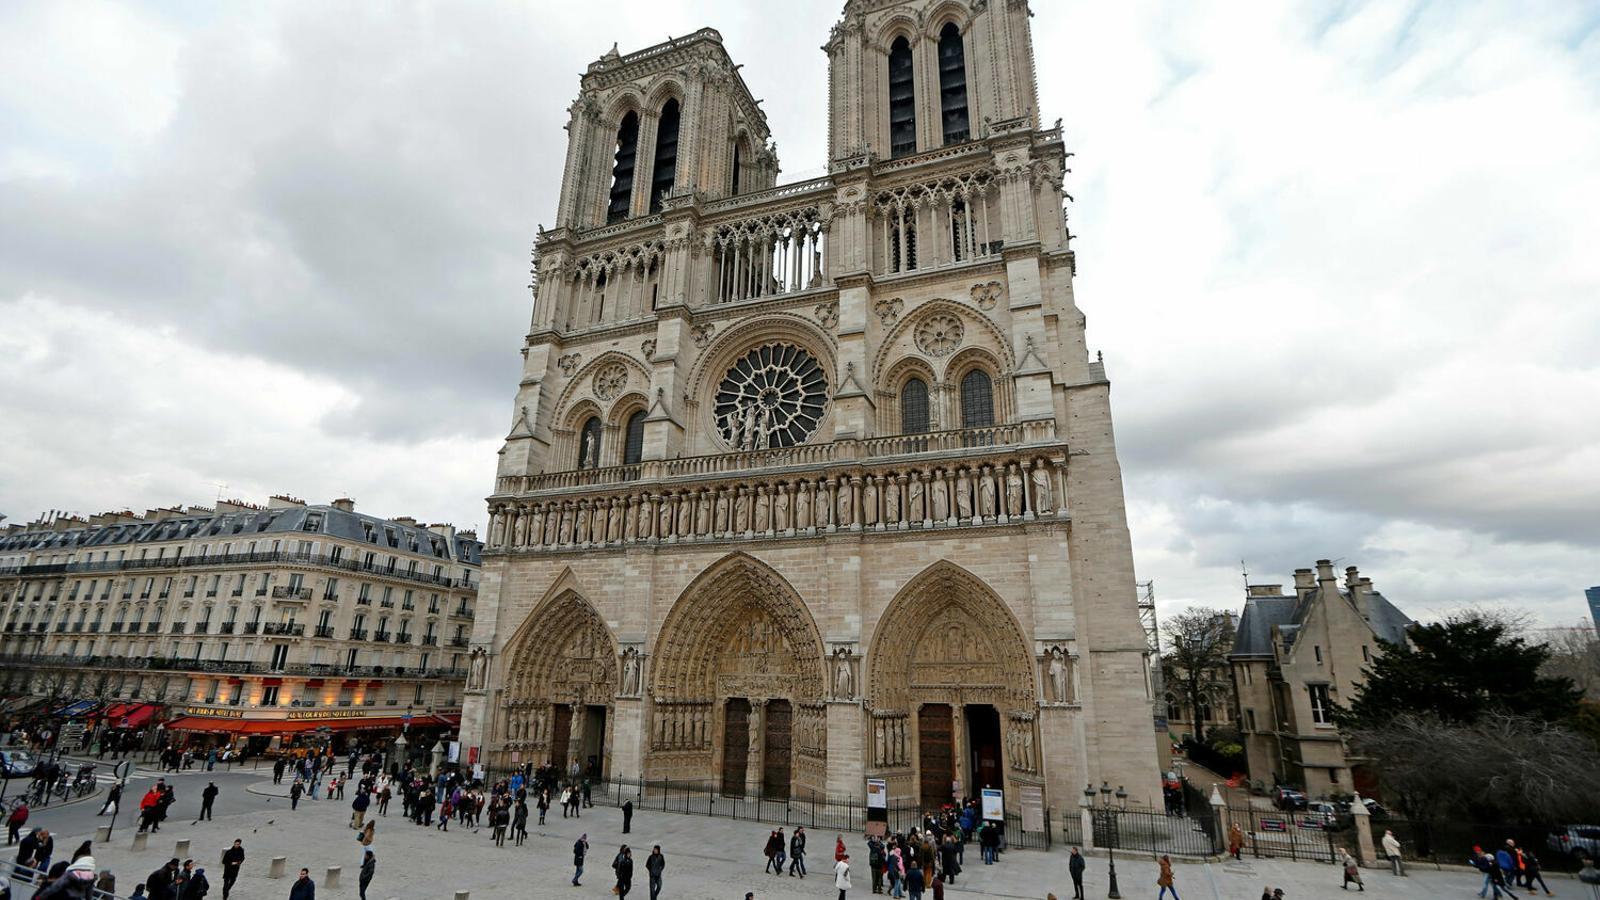 Les 10 coses que no coneixies de la catedral de Notre Dame